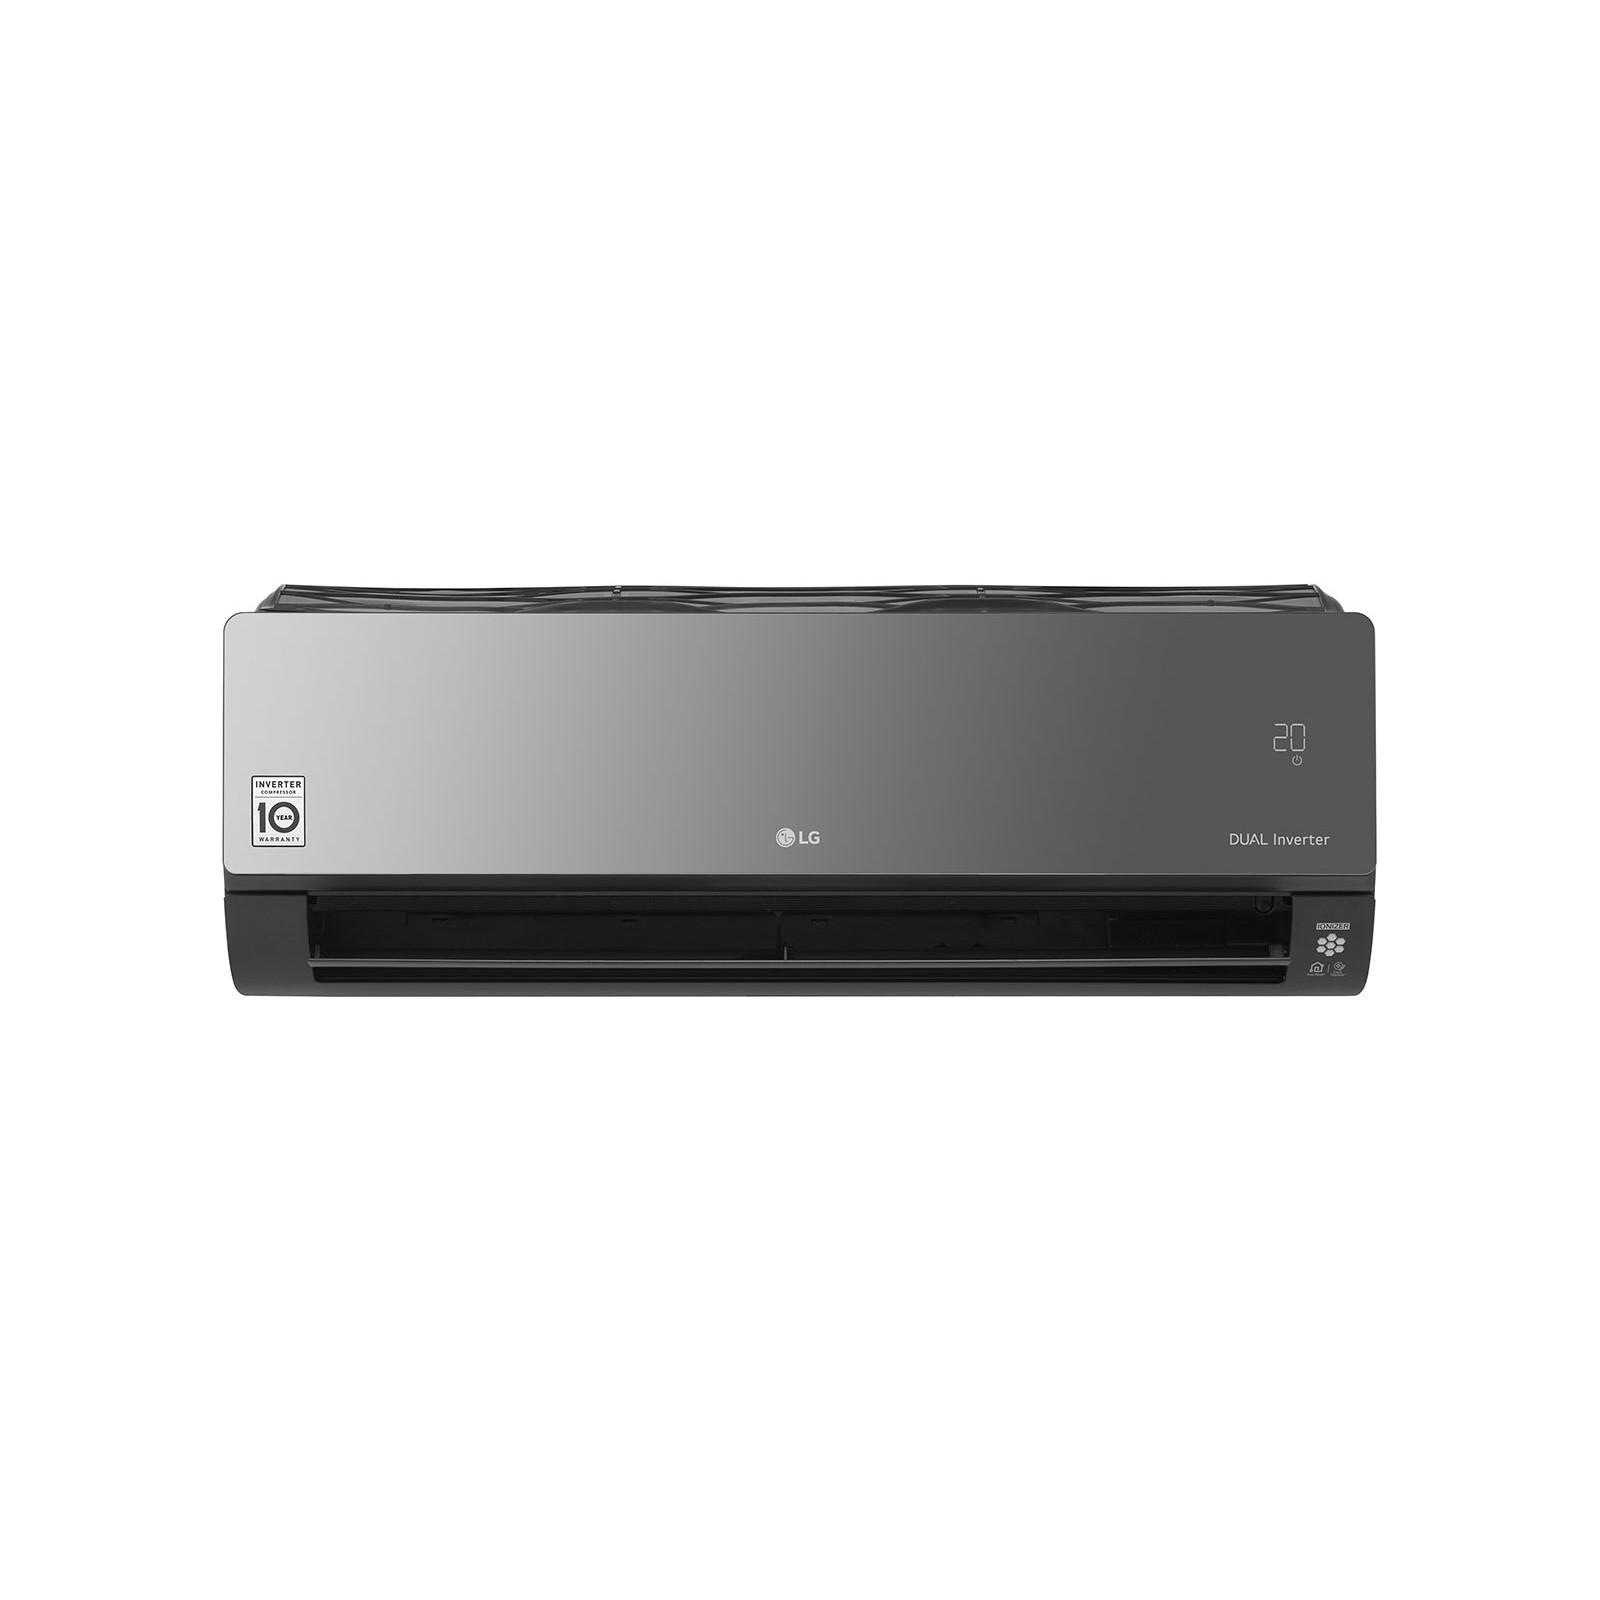 Ar Condicionado Split LG Inverter Artcool 12000 BTUs 220V - Quente e frio - S4NW12JARPAEB2GAMZ